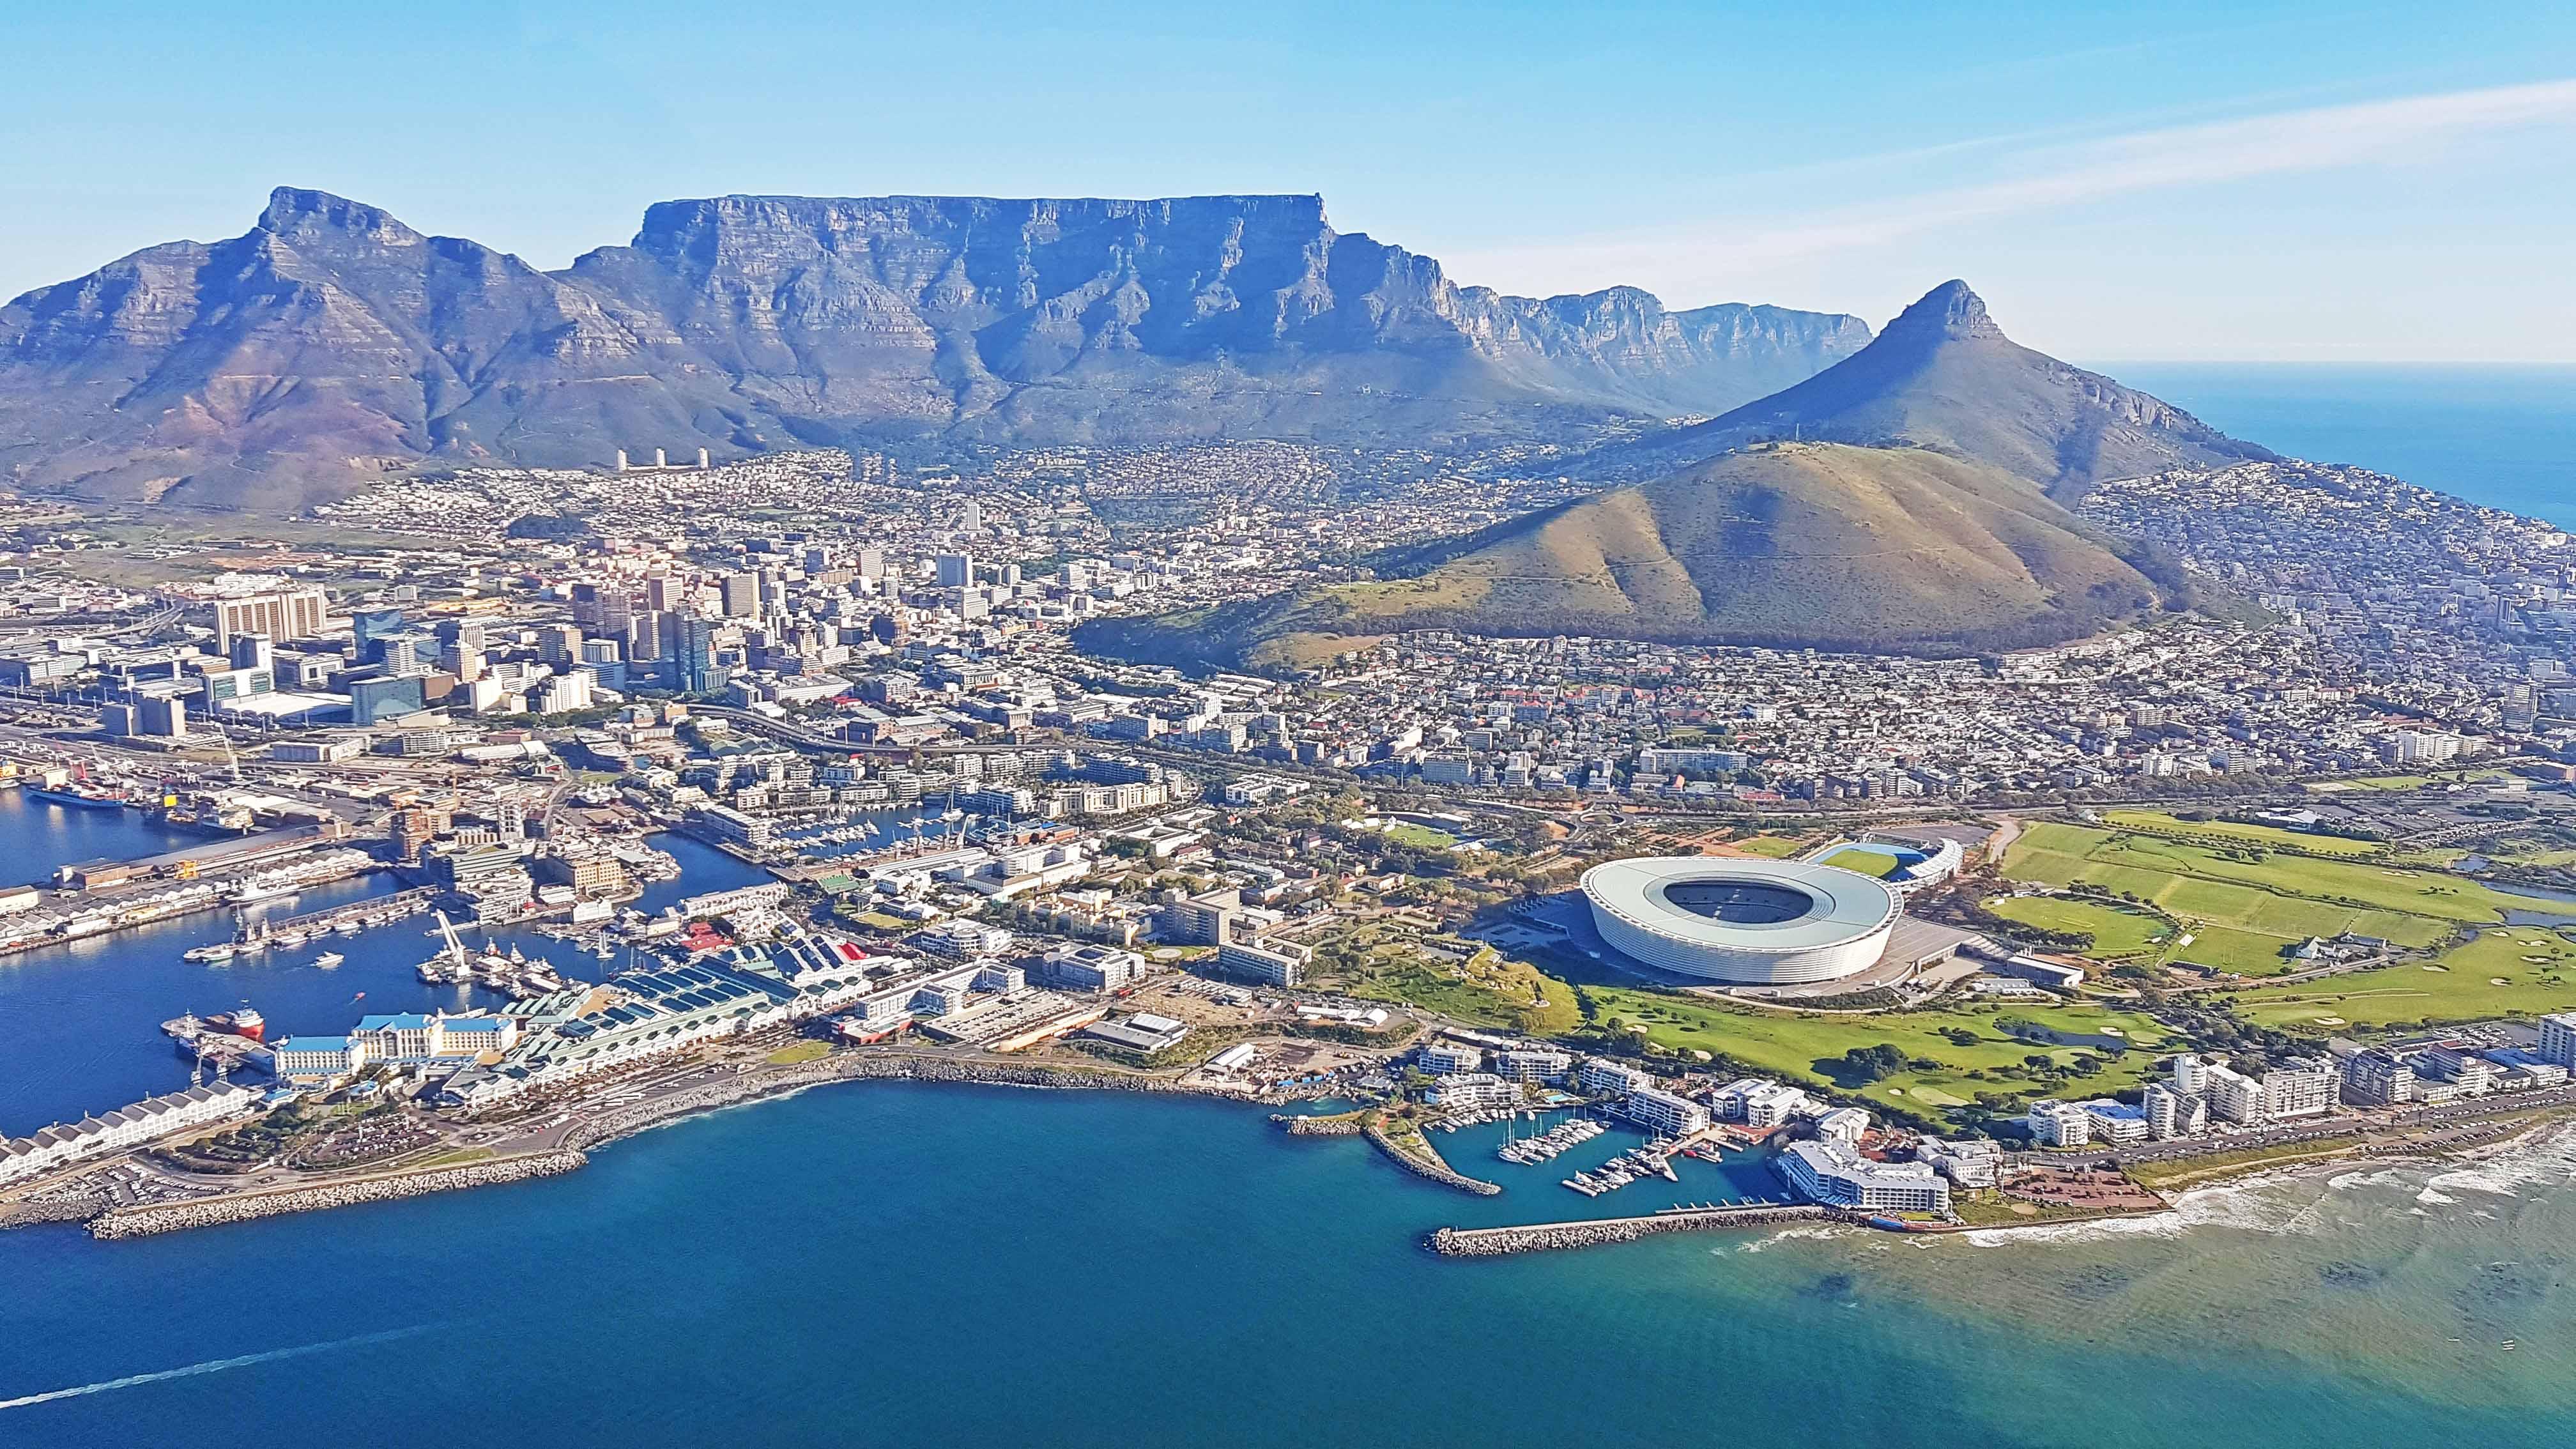 Cidade do Cabo - África do Sul - passeio de helicóptero